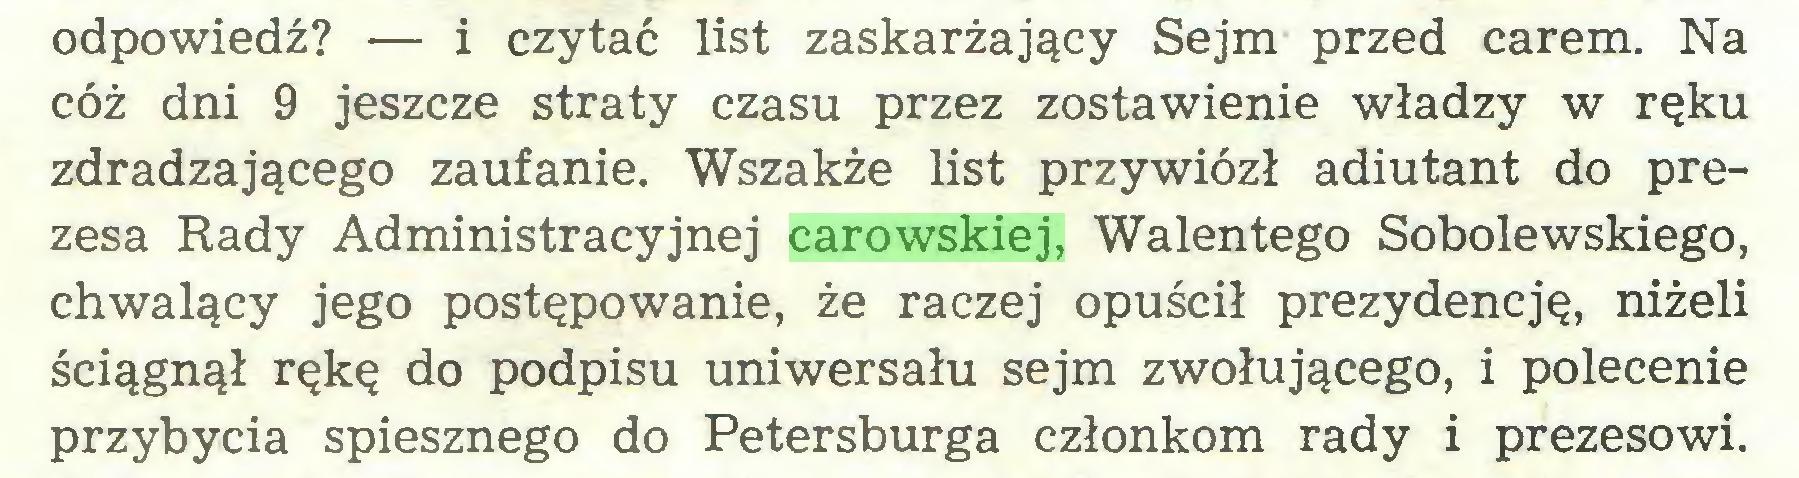 (...) odpowiedź? — i czytać list zaskarżający Sejm przed carem. Na cóż dni 9 jeszcze straty czasu przez zostawienie władzy w ręku zdradzającego zaufanie. Wszakże list przywiózł adiutant do prezesa Rady Administracyjnej carowskiej, Walentego Sobolewskiego, chwalący jego postępowanie, że raczej opuścił prezydencję, niżeli ściągnął rękę do podpisu uniwersału sejm zwołującego, i polecenie przybycia spiesznego do Petersburga członkom rady i prezesowi...